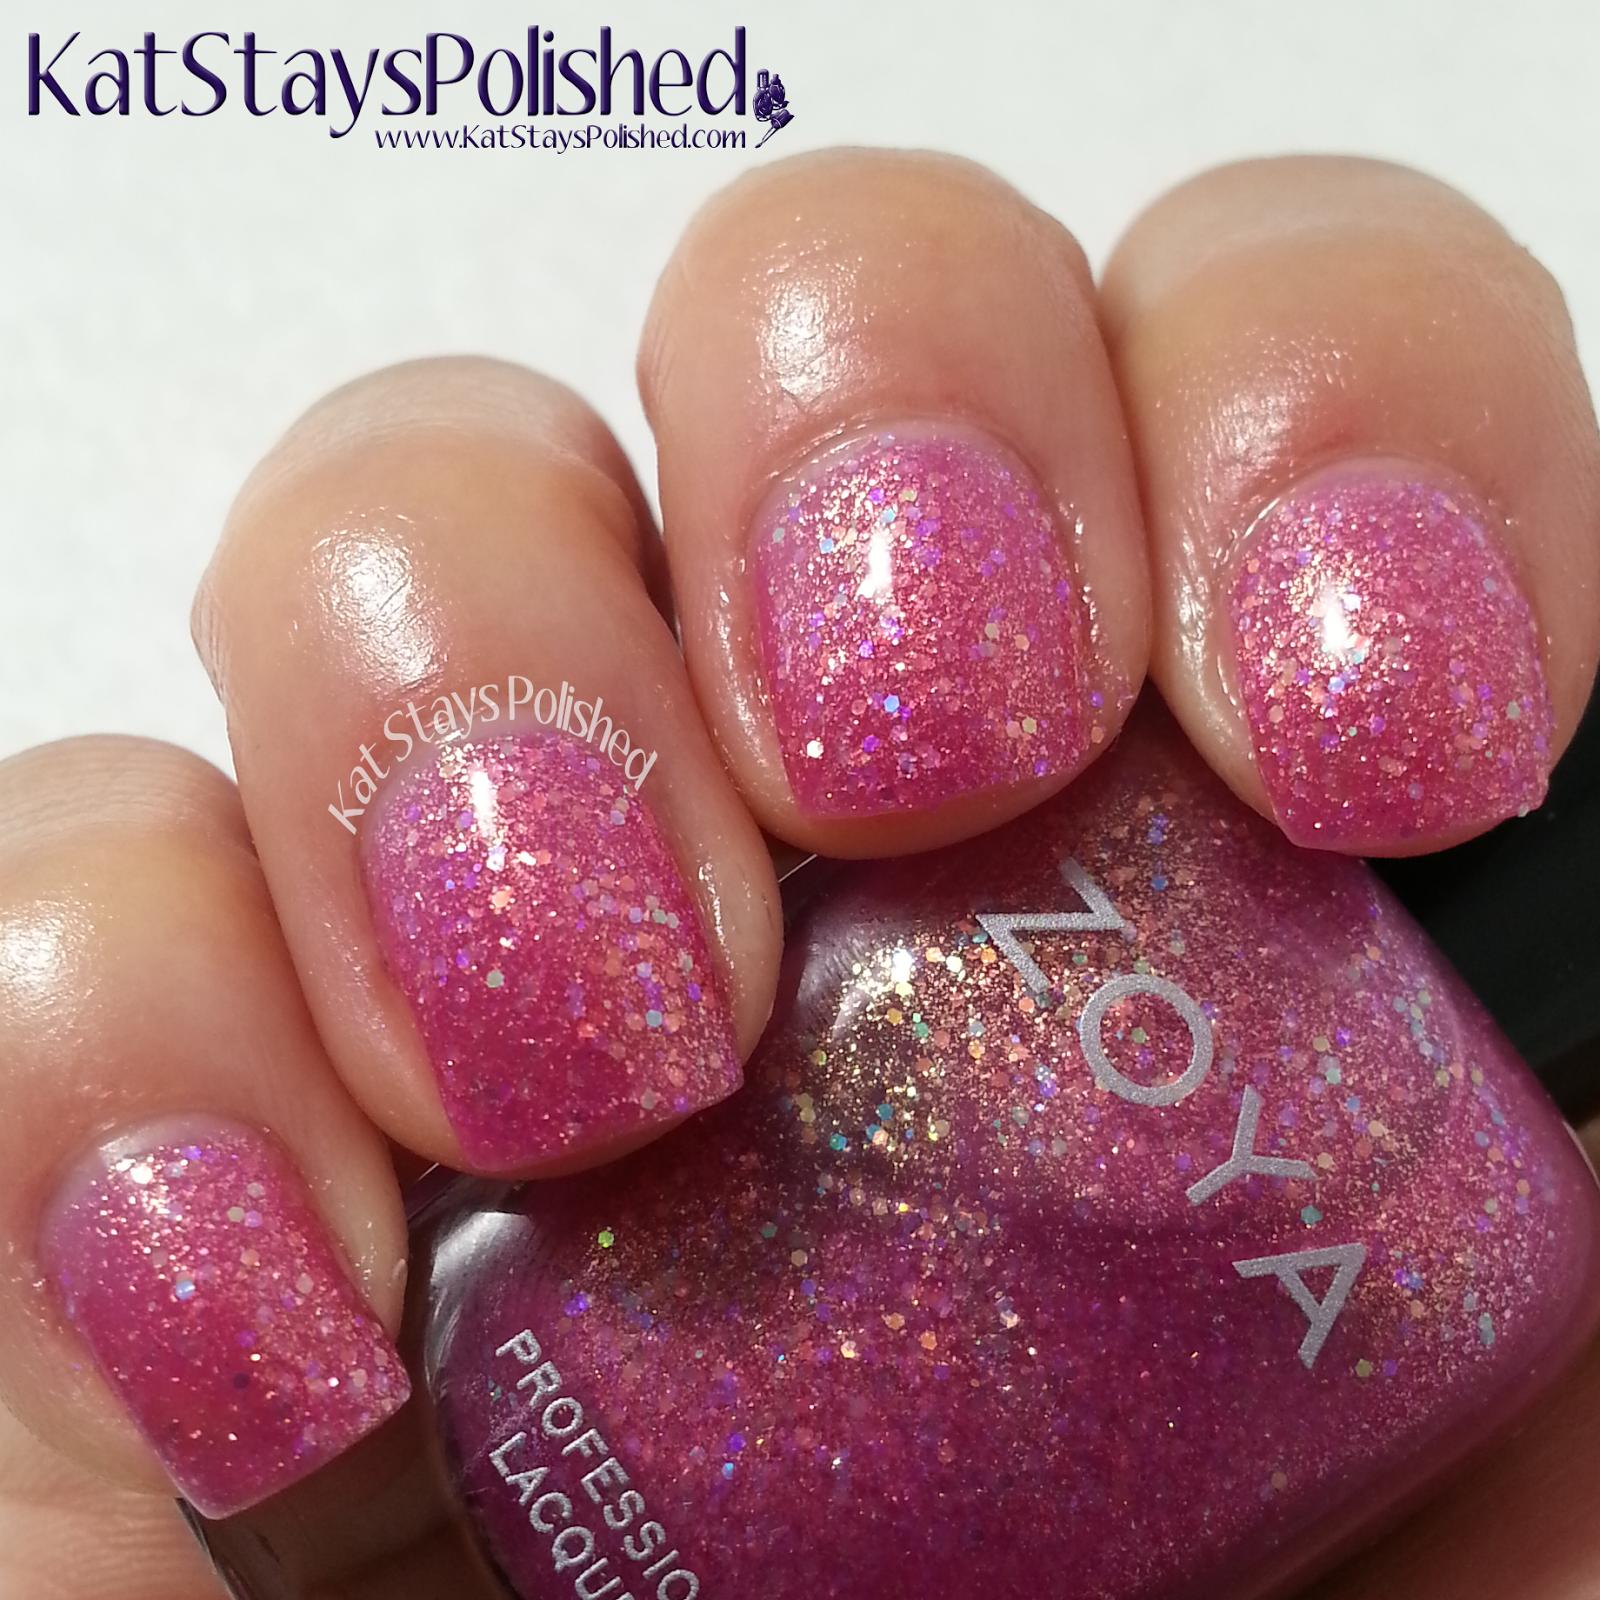 Zoya Bubbly - Binx | Kat Stays Polished